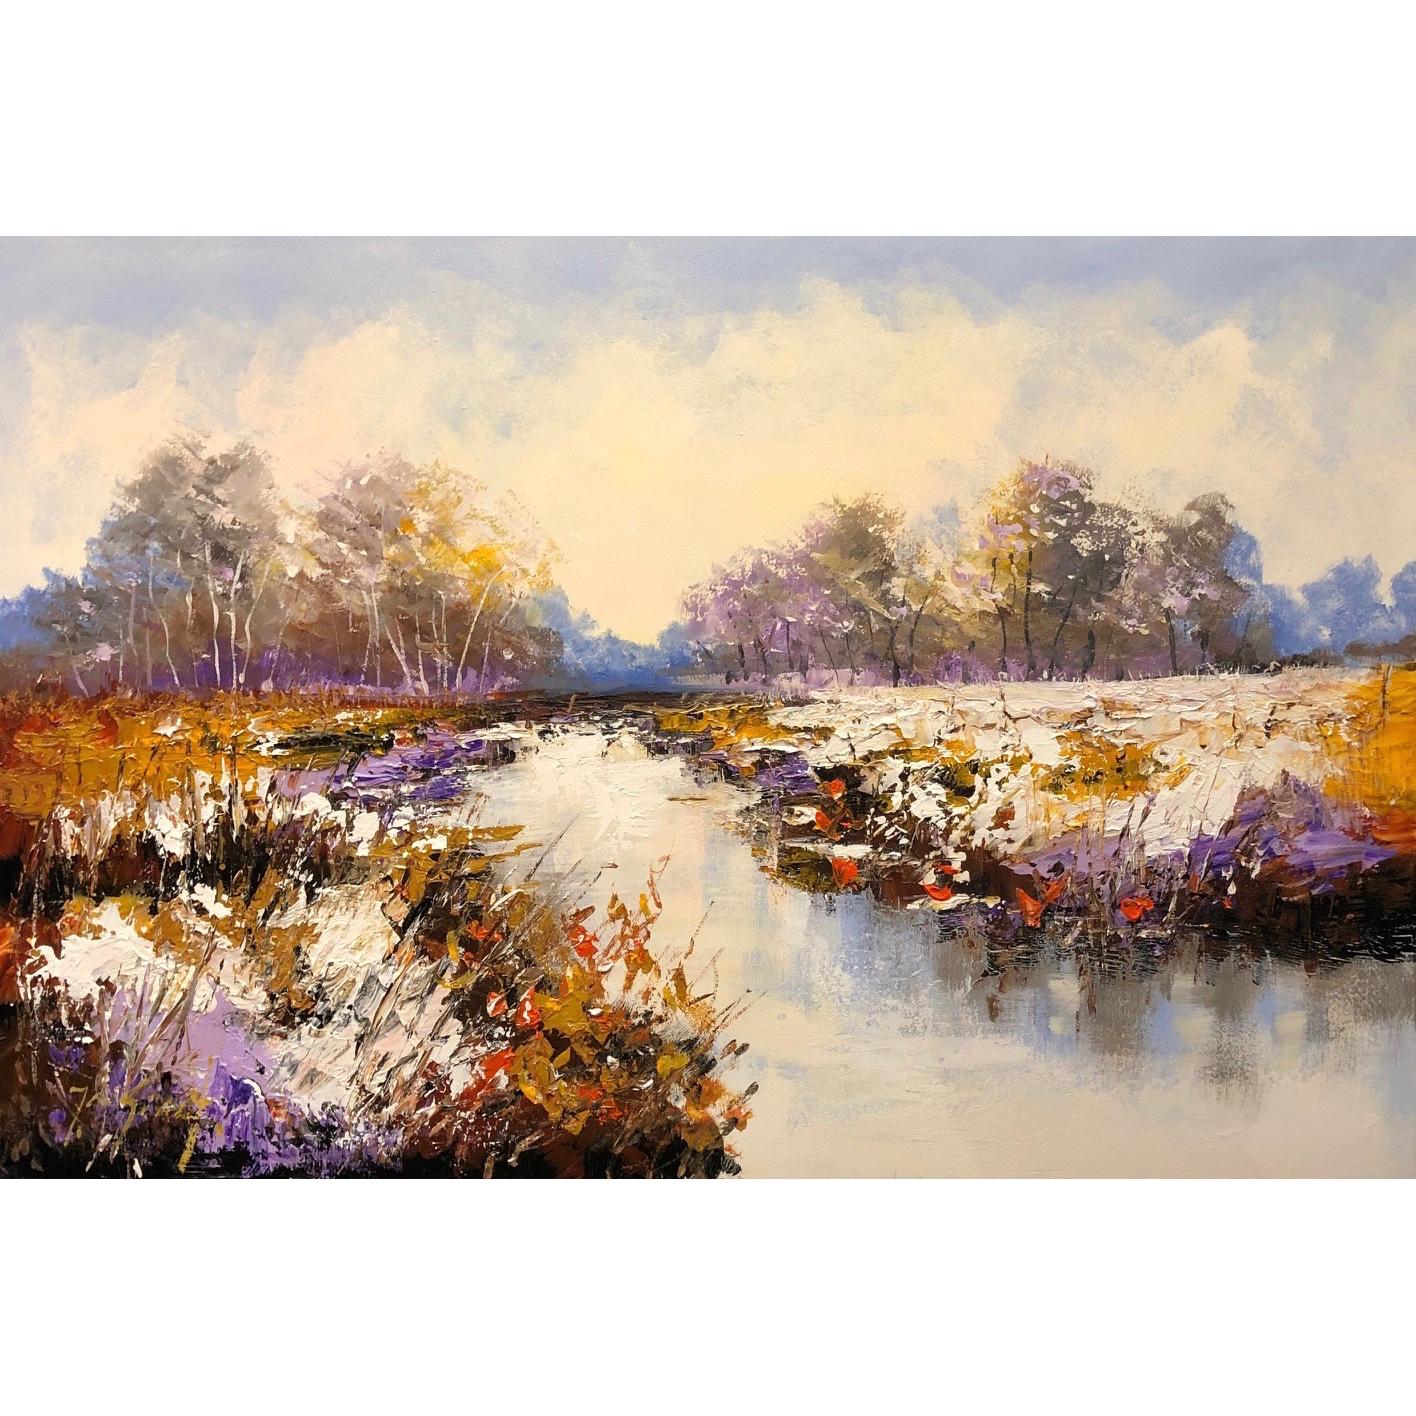 Jochem de Graaf schilderij 'Winterlandschap'